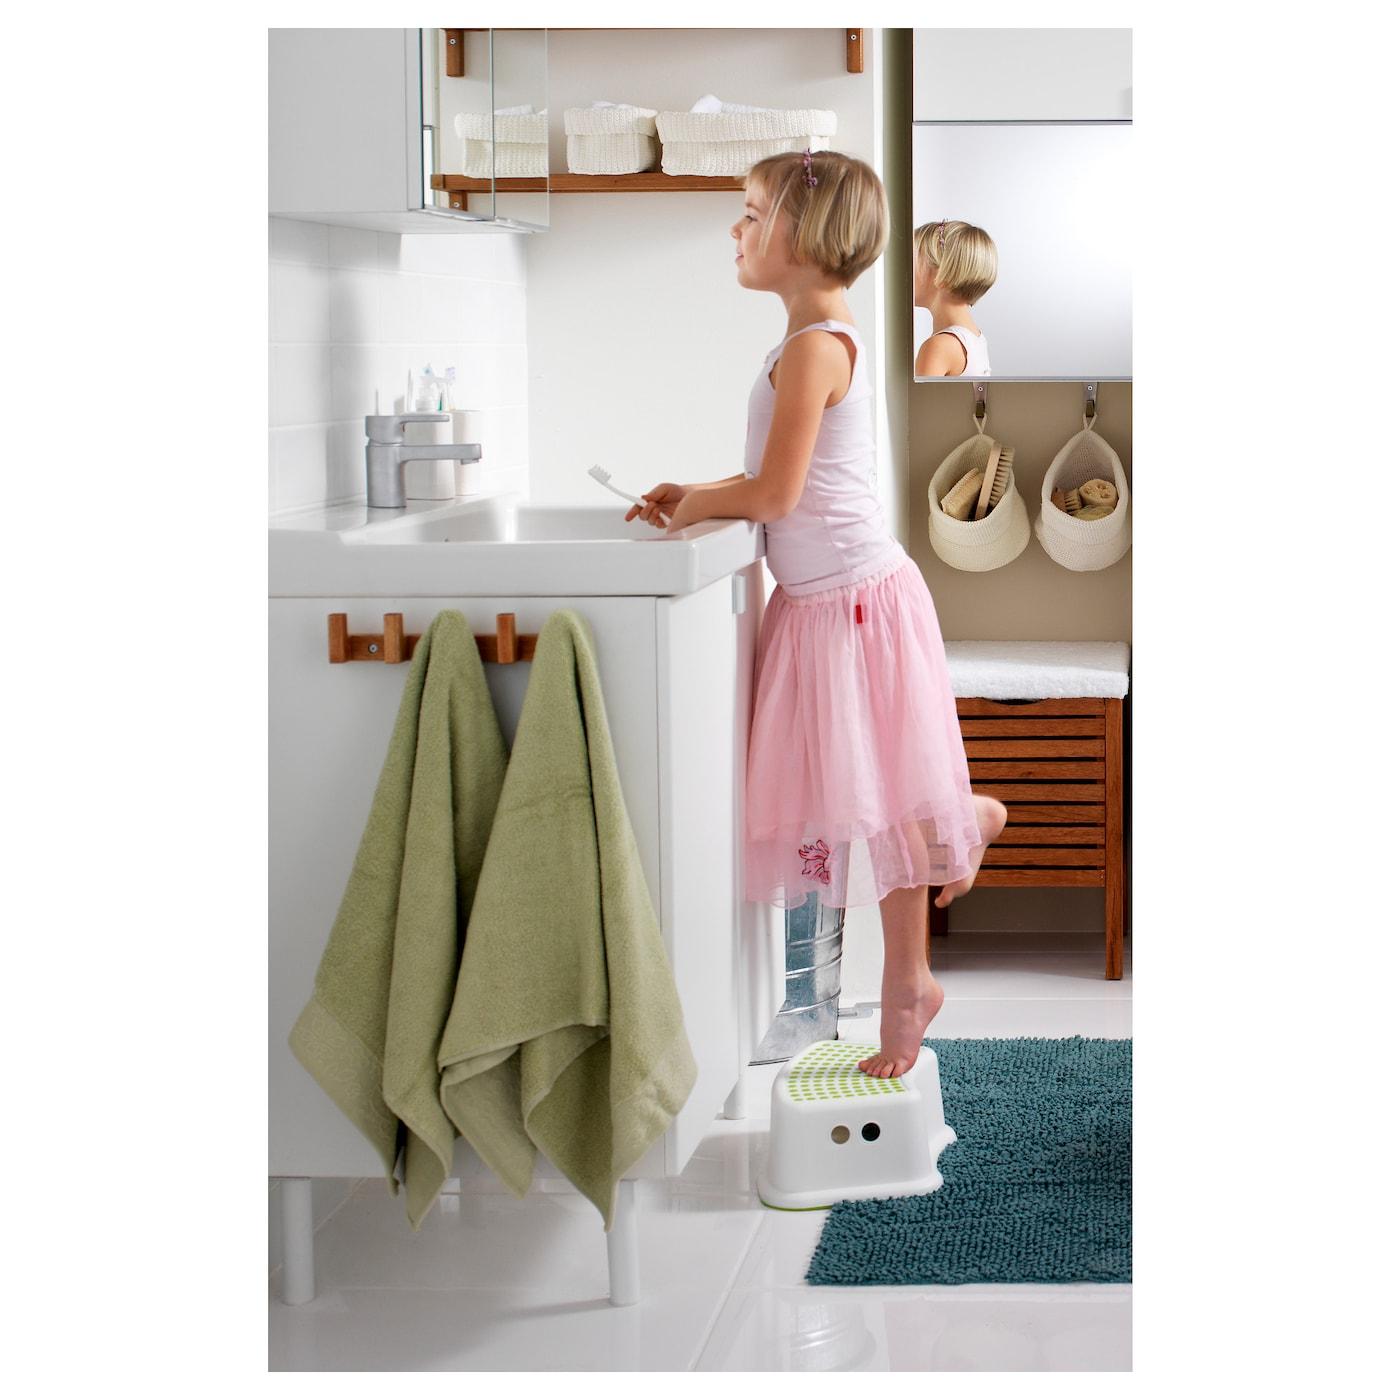 Pack Green//White 1 Ikea 602.484.18 Forsiktig Childrens Stool